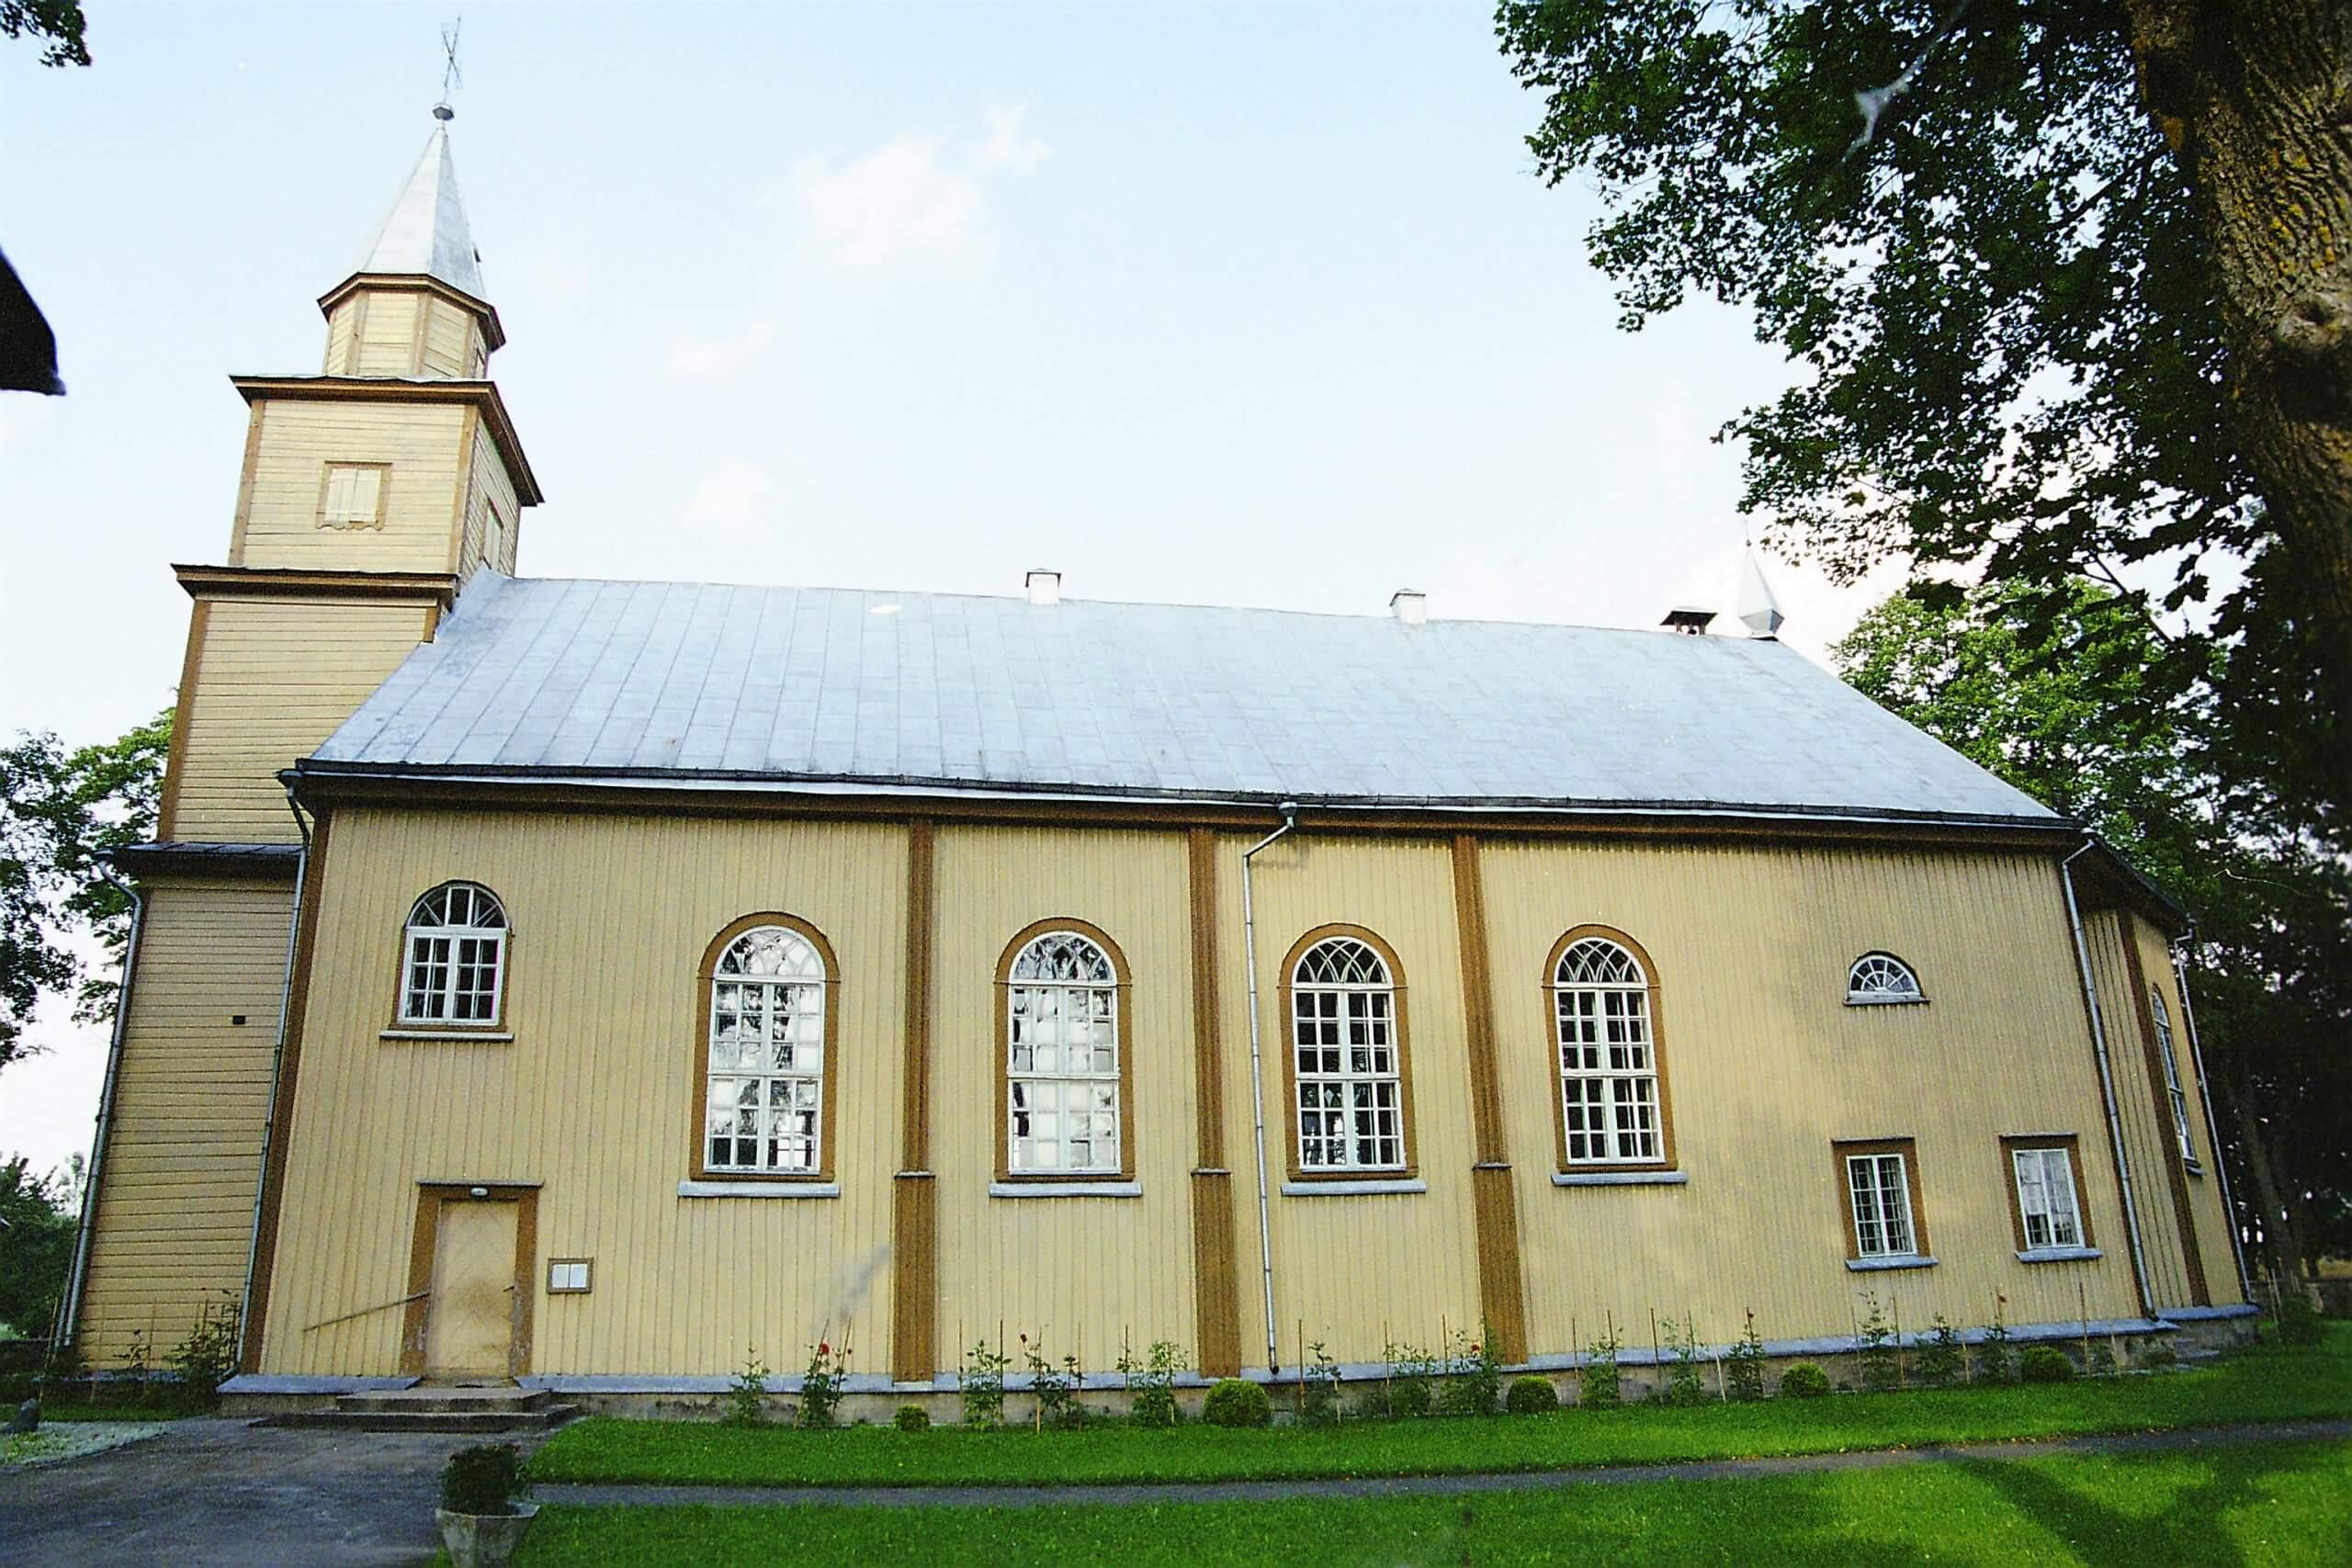 Klovainių Švč. Trejybės bažnyčia (Pakruojo rajonas)